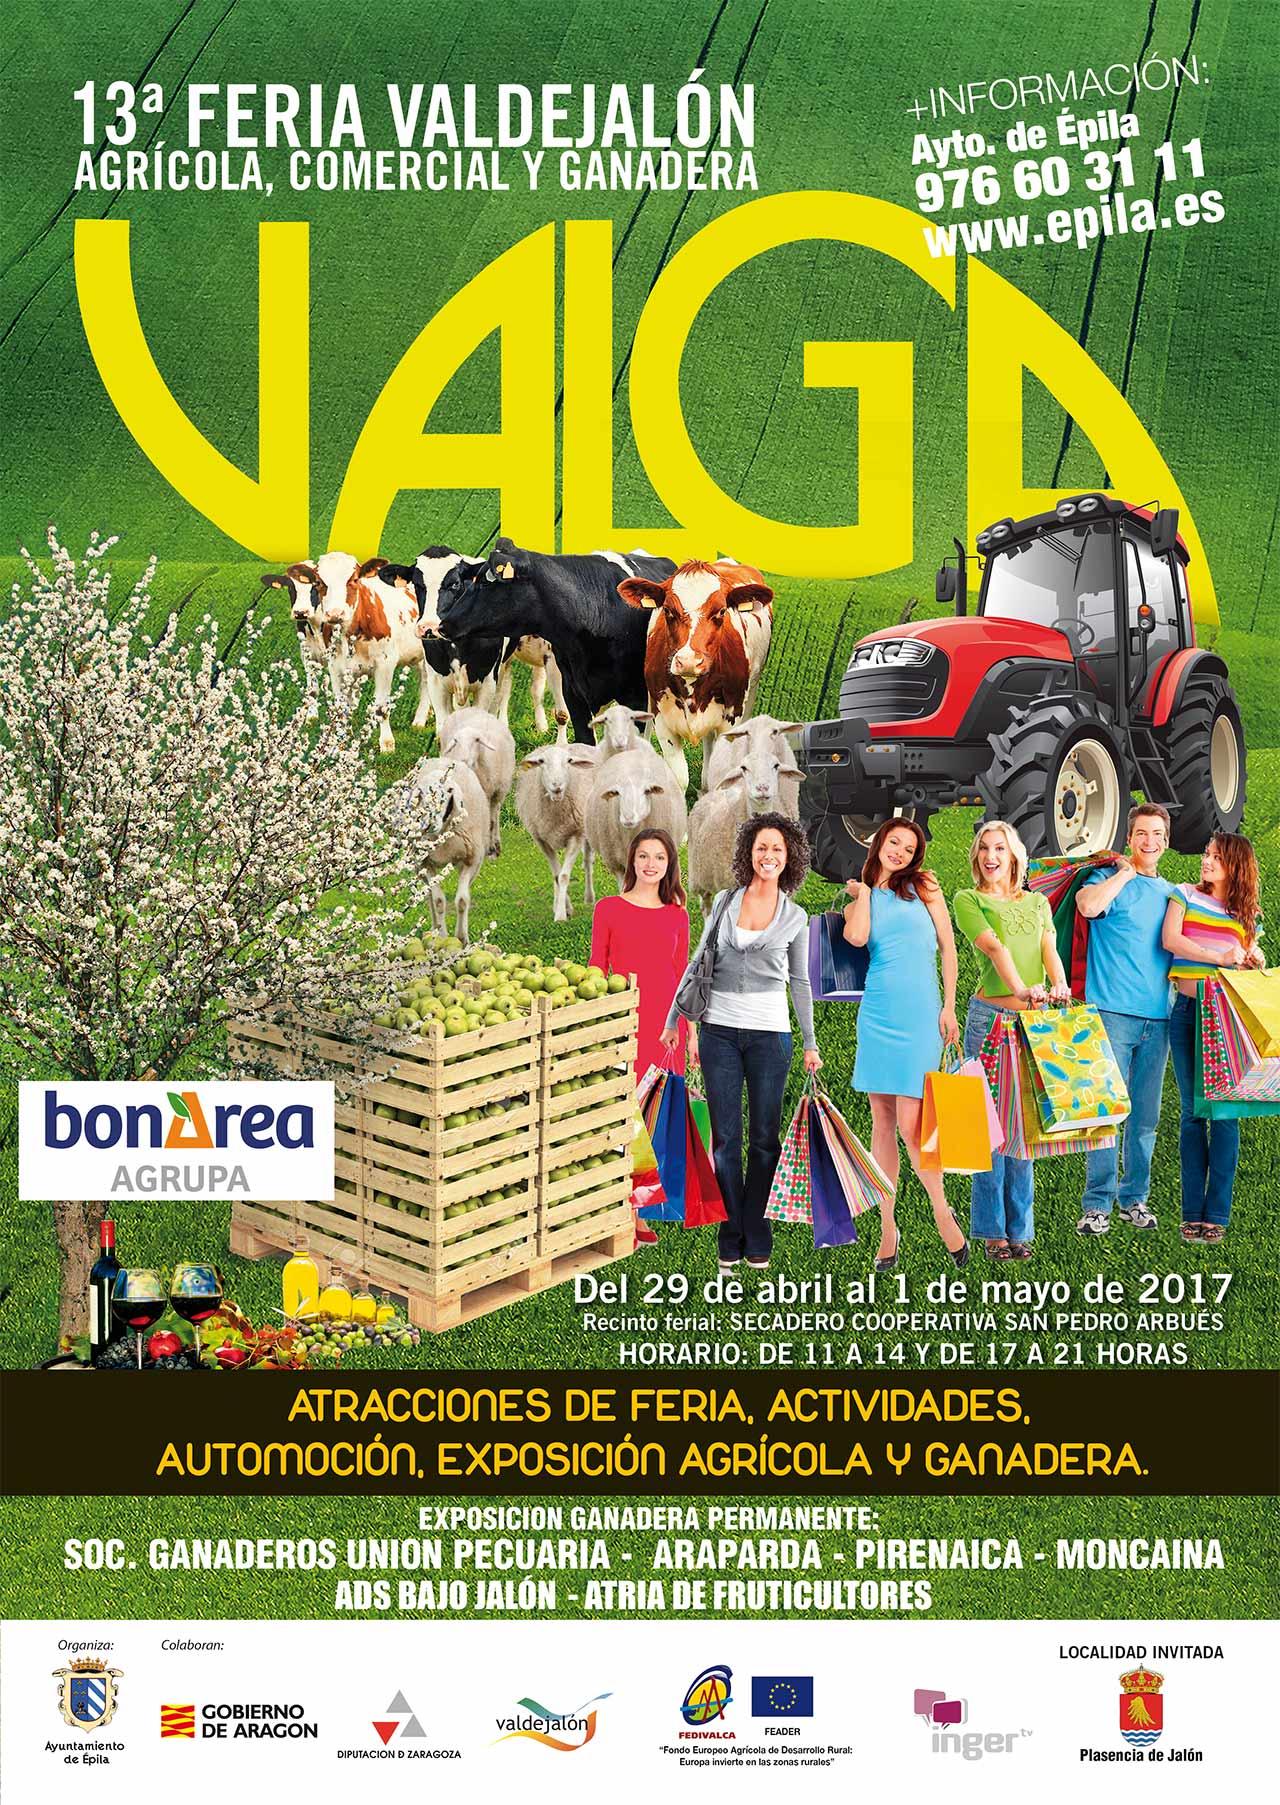 13º Feria Valga